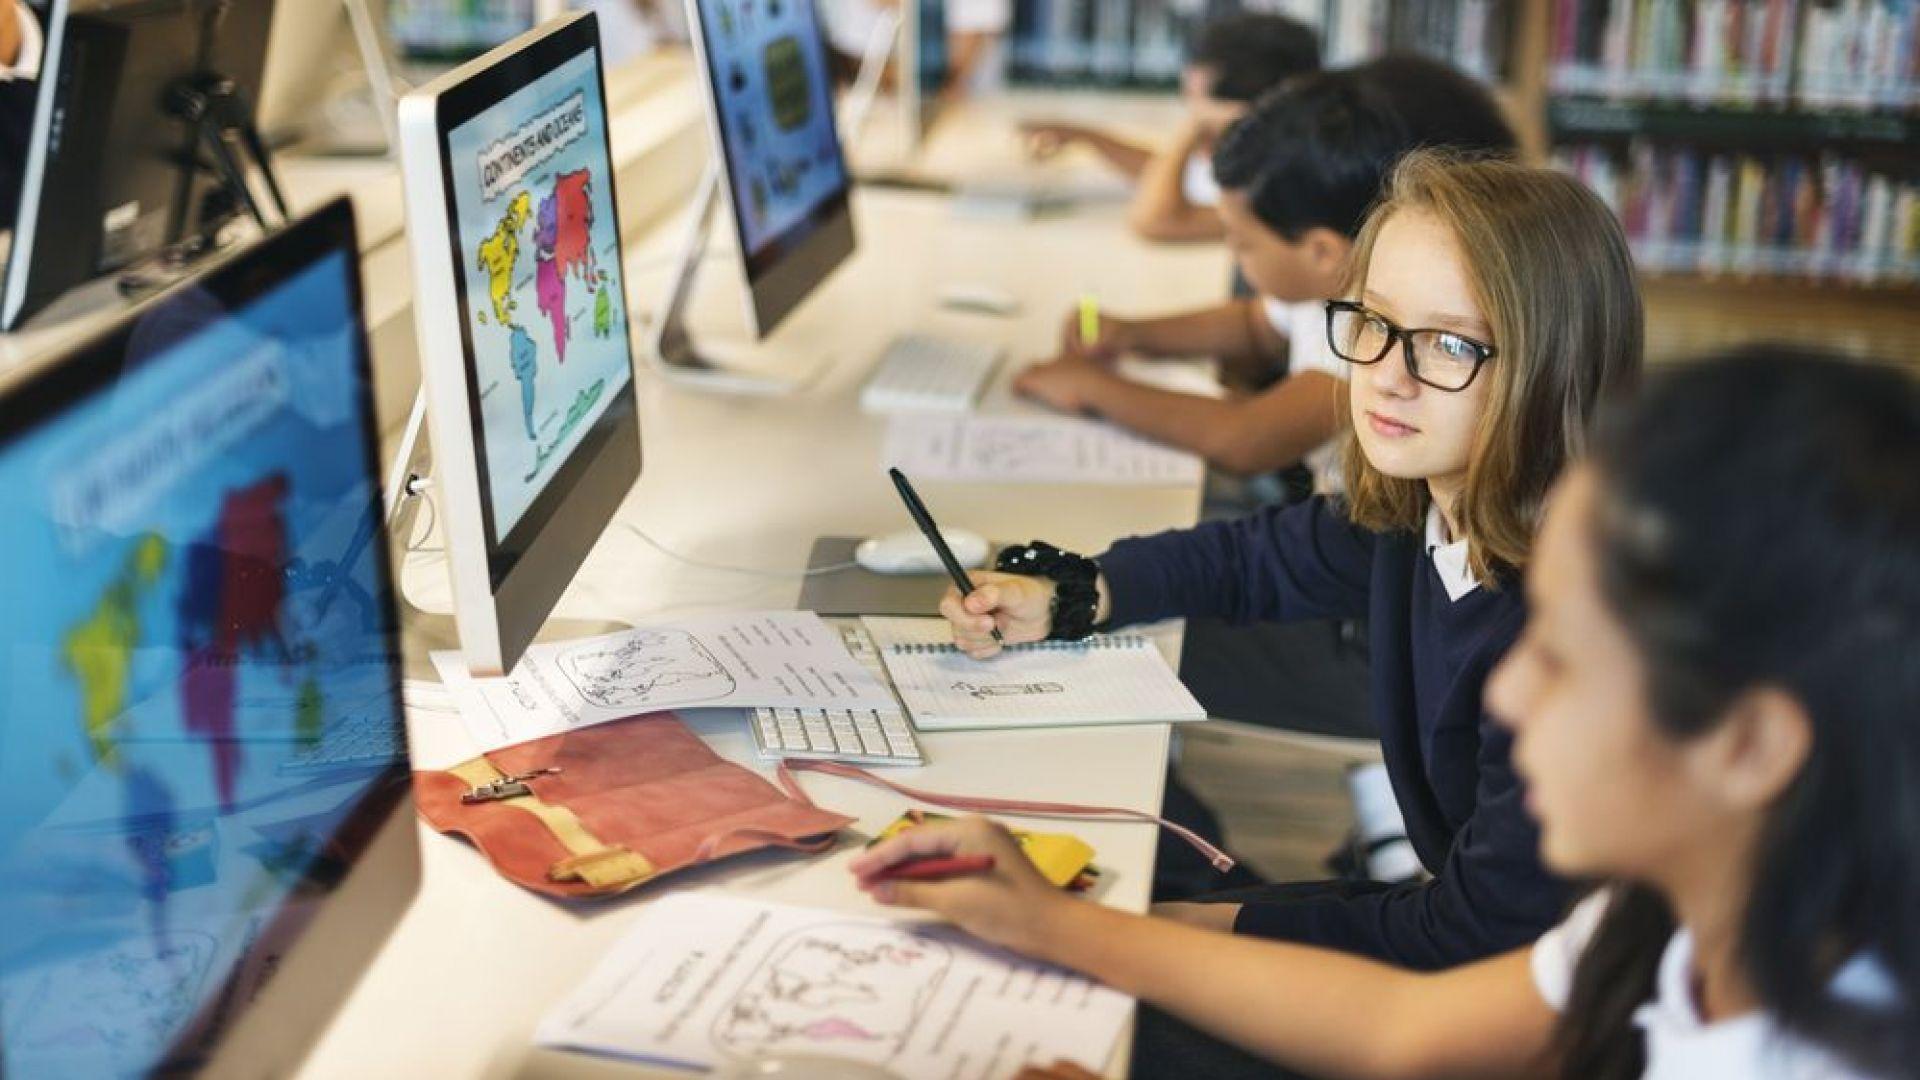 Експерт: Електронните учебници ще са допълнение, а не алтернатива на книжните